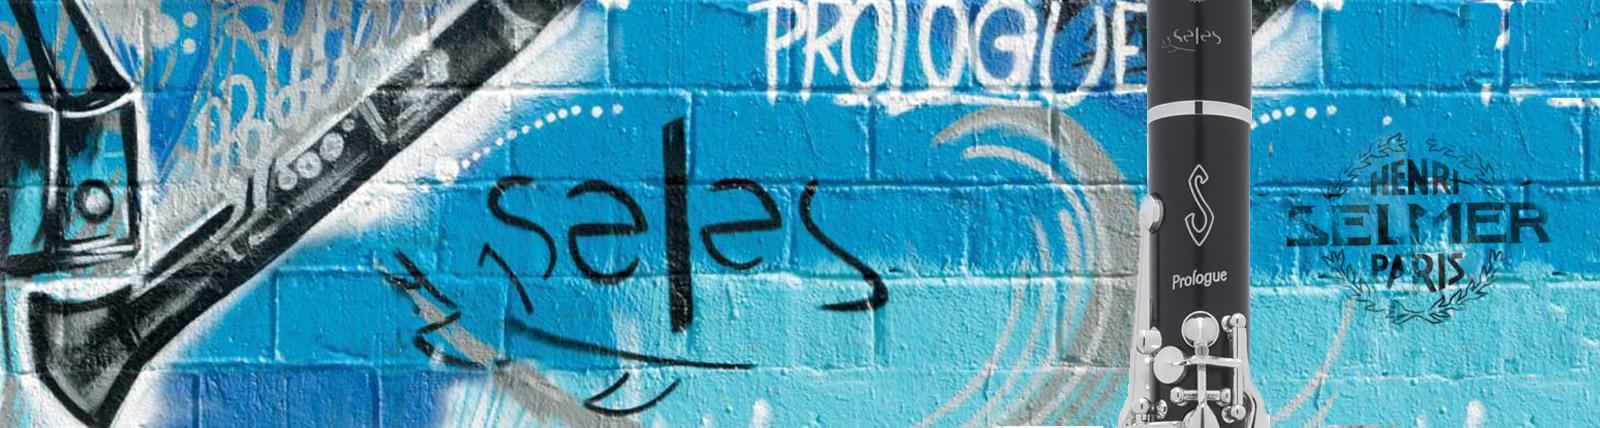 Banner seles prologue